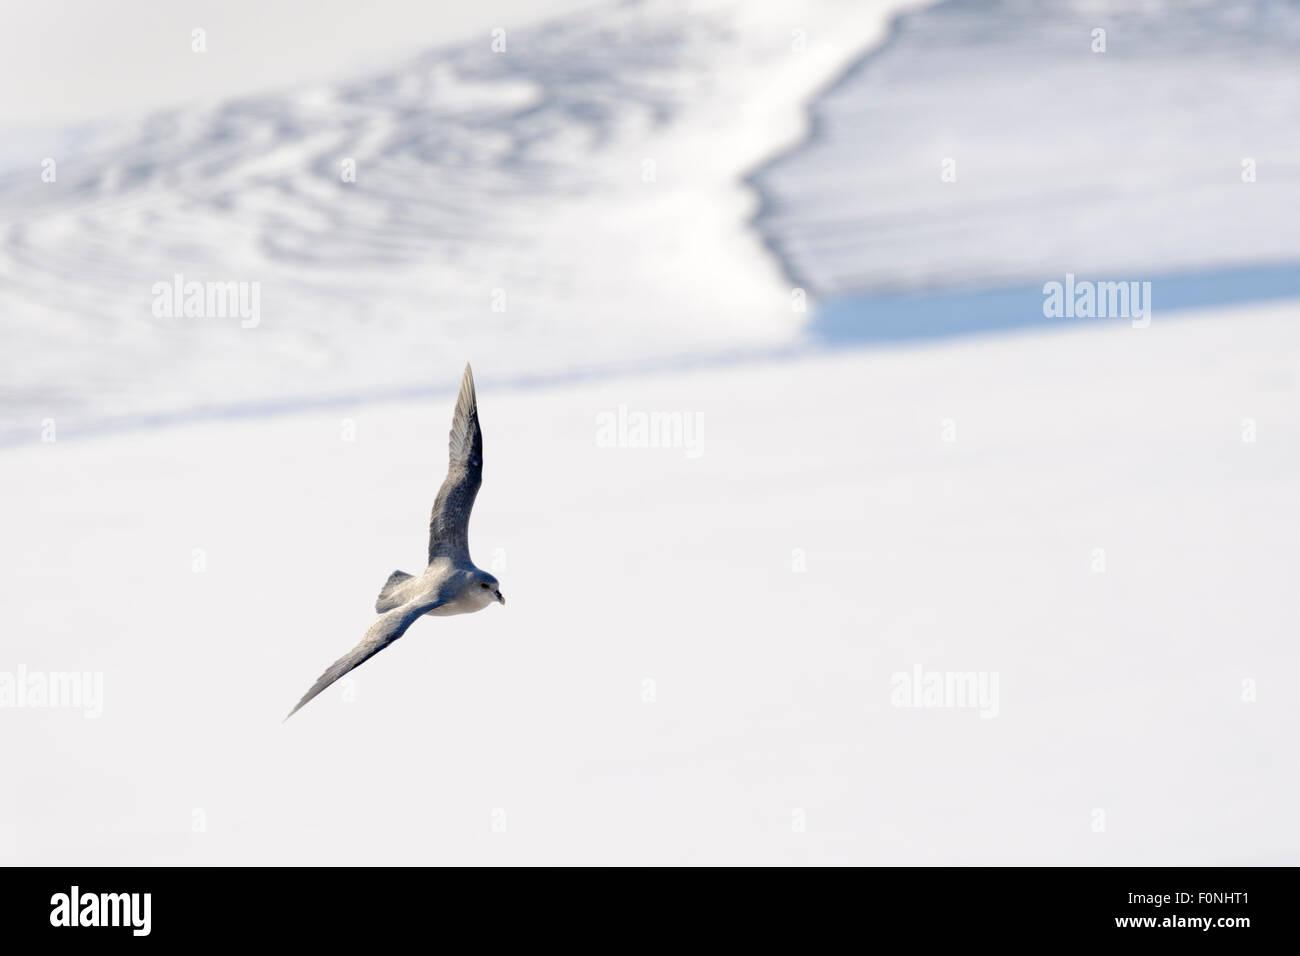 Northern Fulmar (Fulmaris glacialis) flying over frozen fjord, Tempelfjorden, Spitsbergen, Svalbard, Norway. - Stock Image